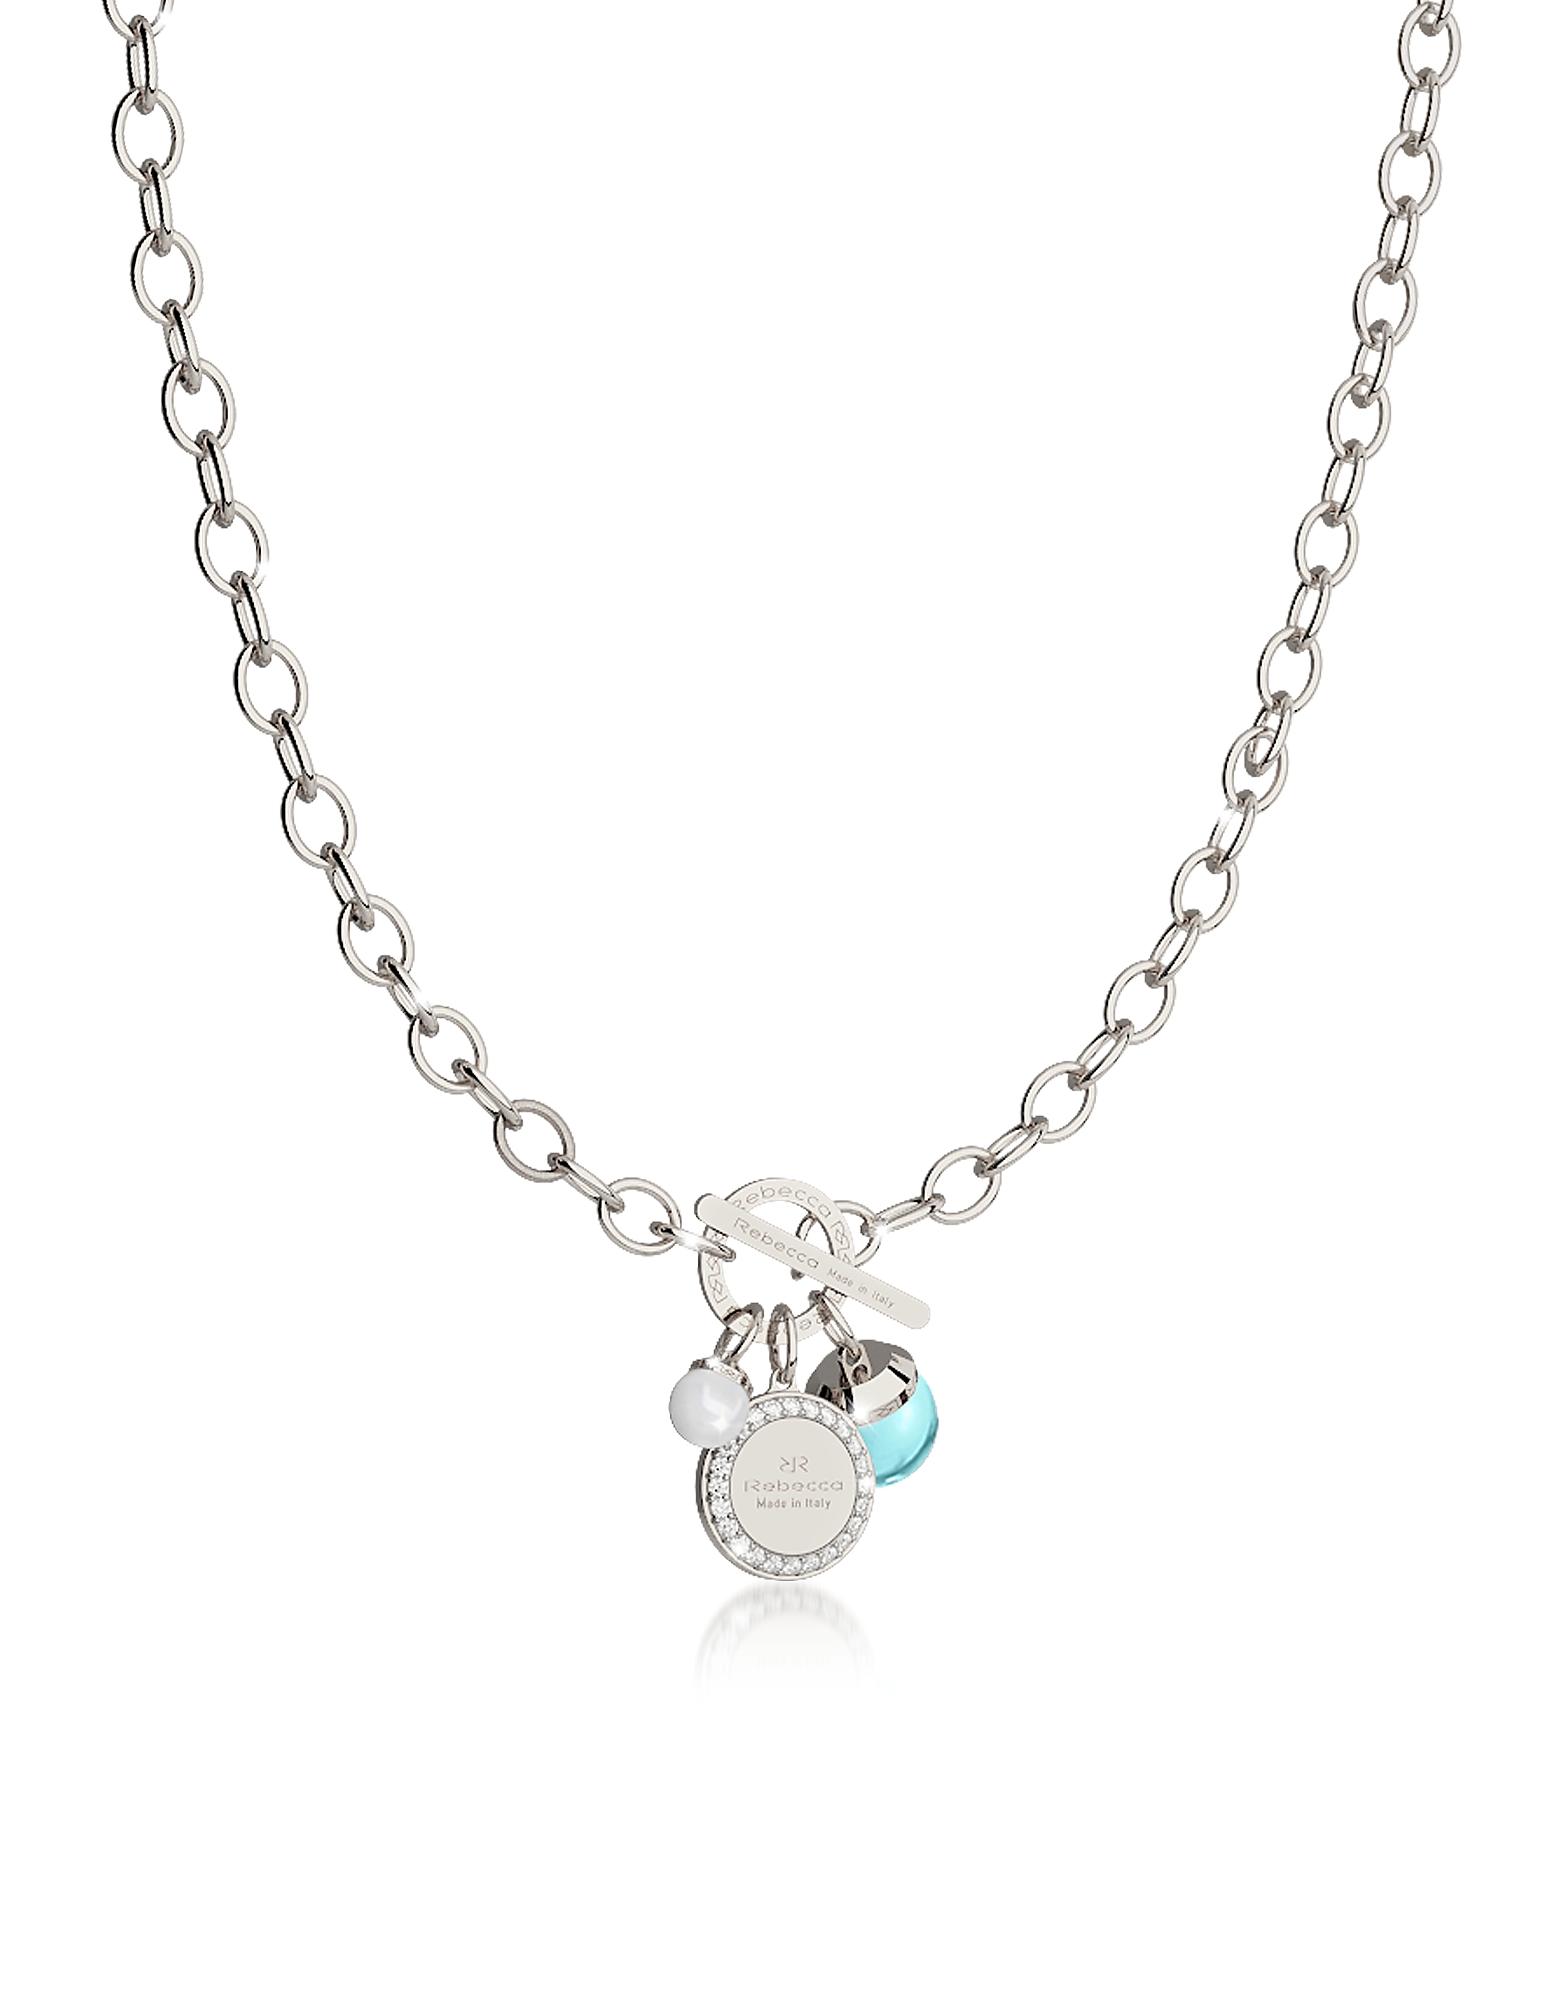 Фото Hollywood Stone - Ожерелье из Бронзы с Родиевым Покрытием, Бирюзовым Гидротермальным Камнем и Стеклянной Жемчужиной. Купить с доставкой